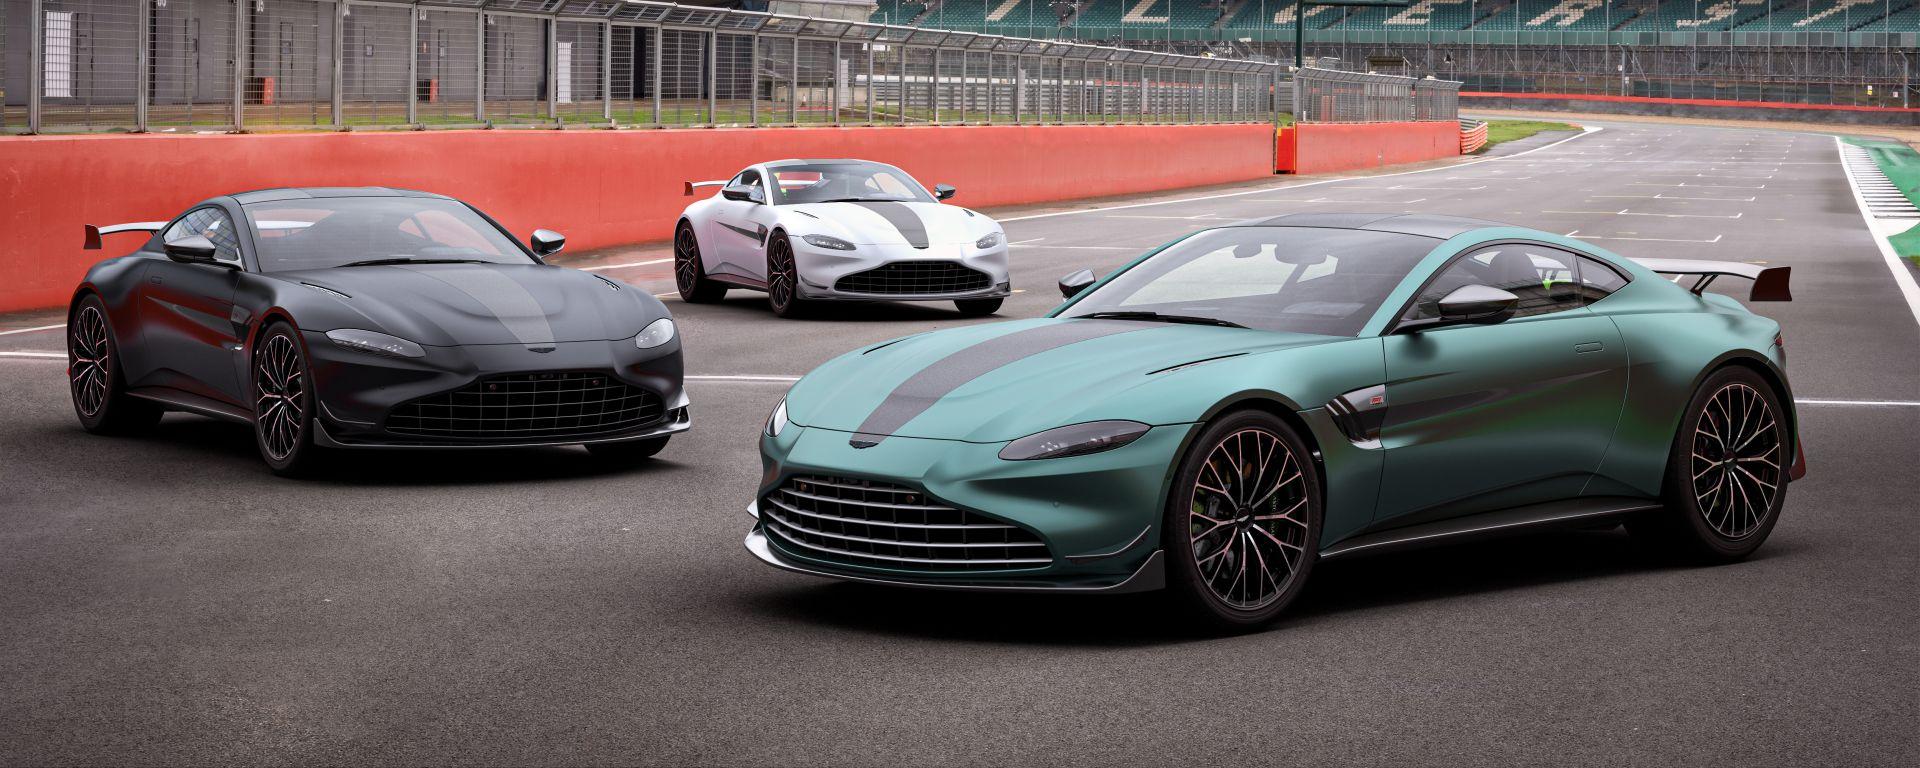 Nuova Aston Martin Vantage F1 Edition: la sportiva inglese omaggia la safety Car del mondiale F1